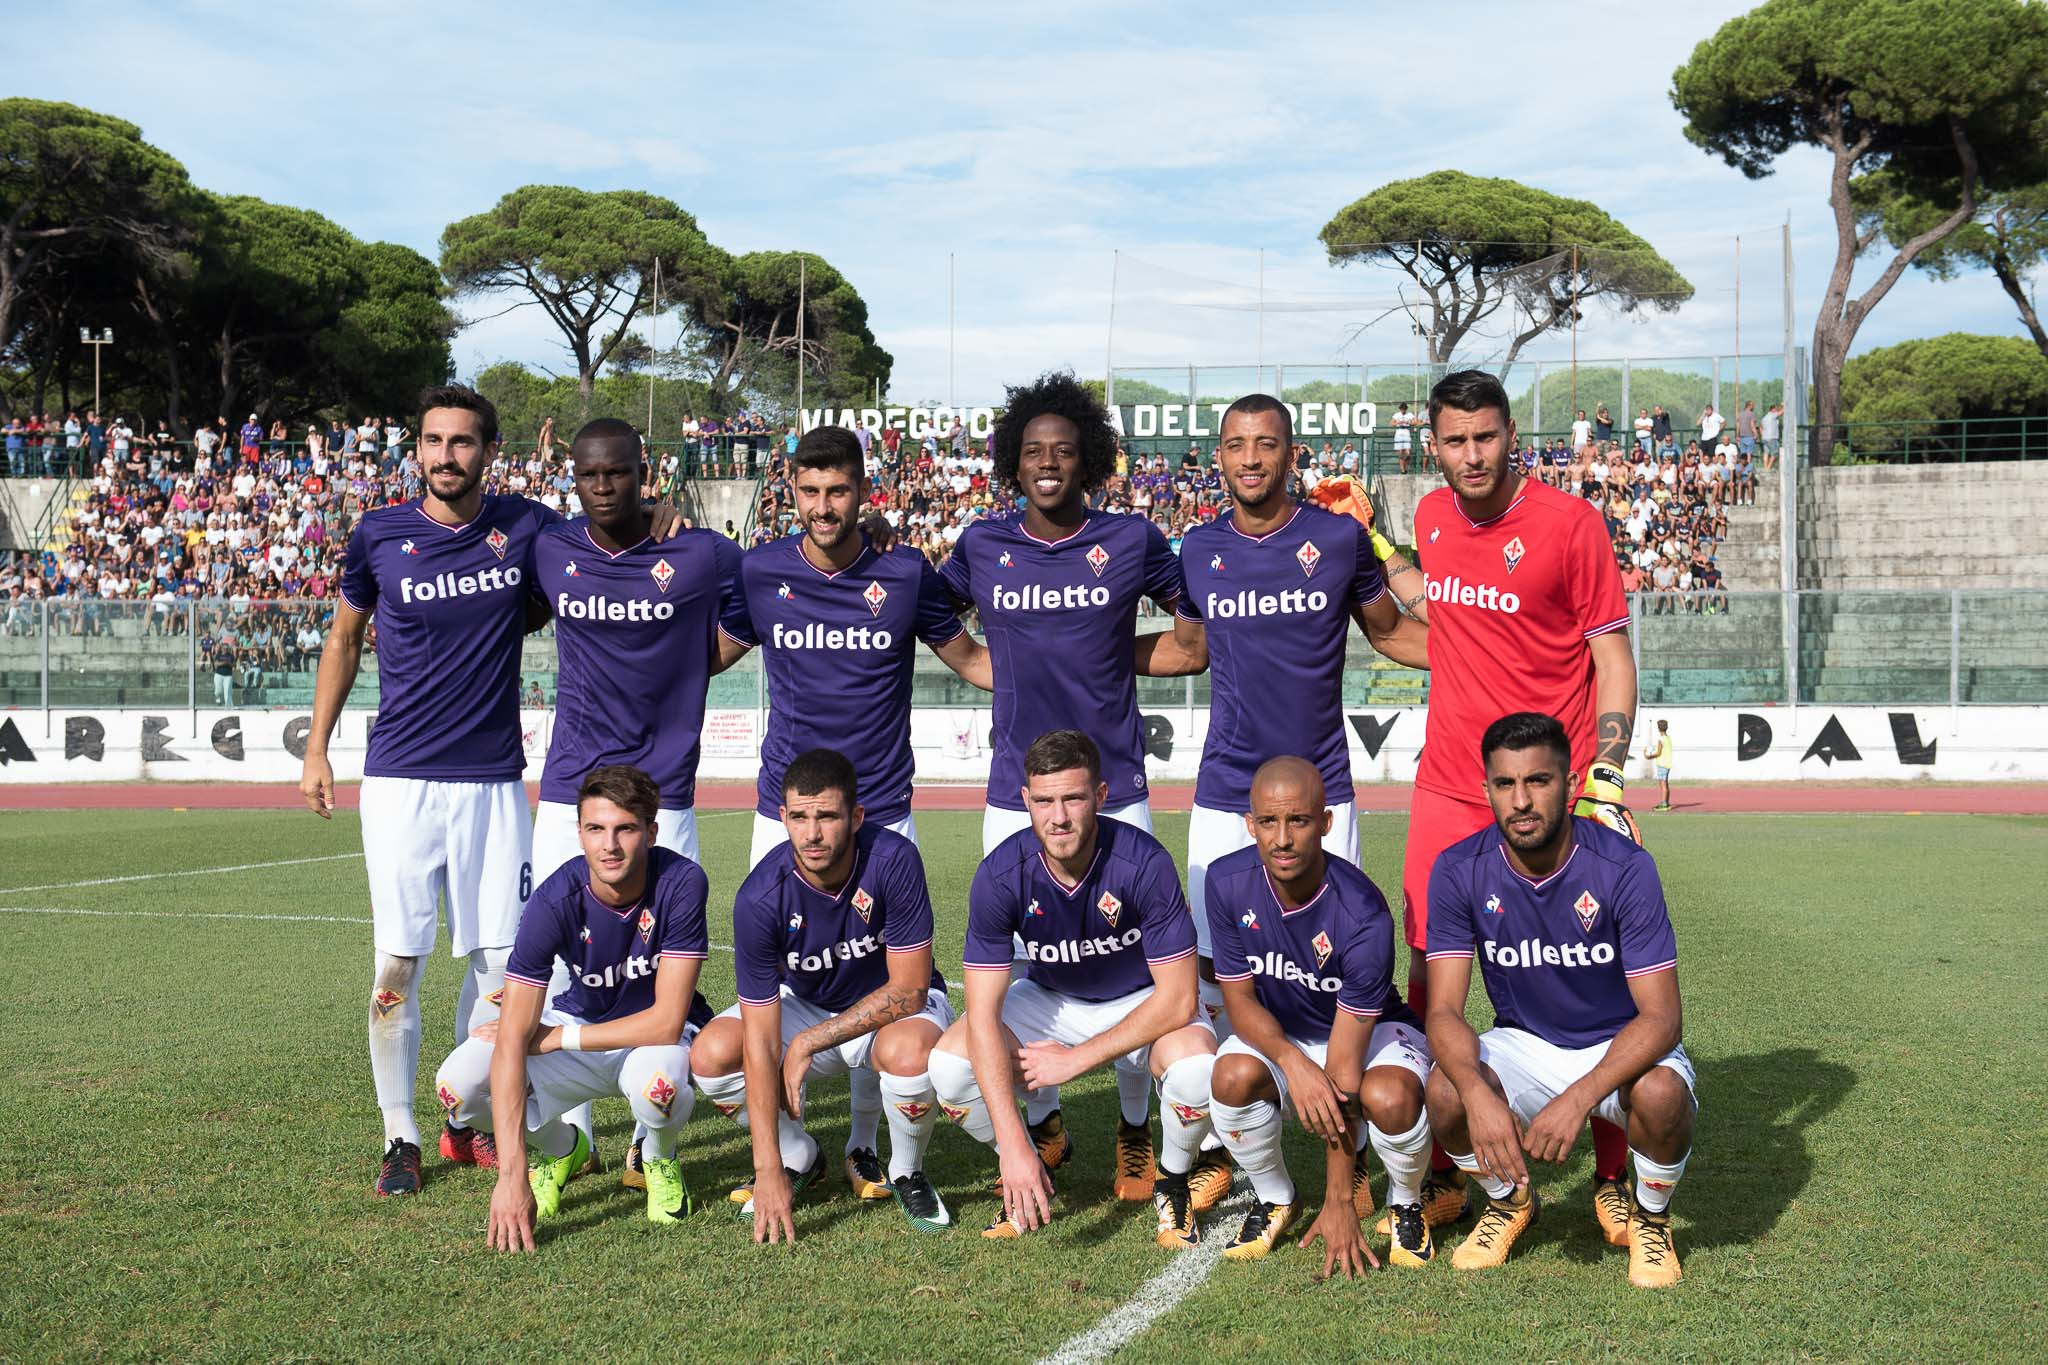 Fiorentina: le prossime 4 partite rappresentano già il primo crocevia della stagione